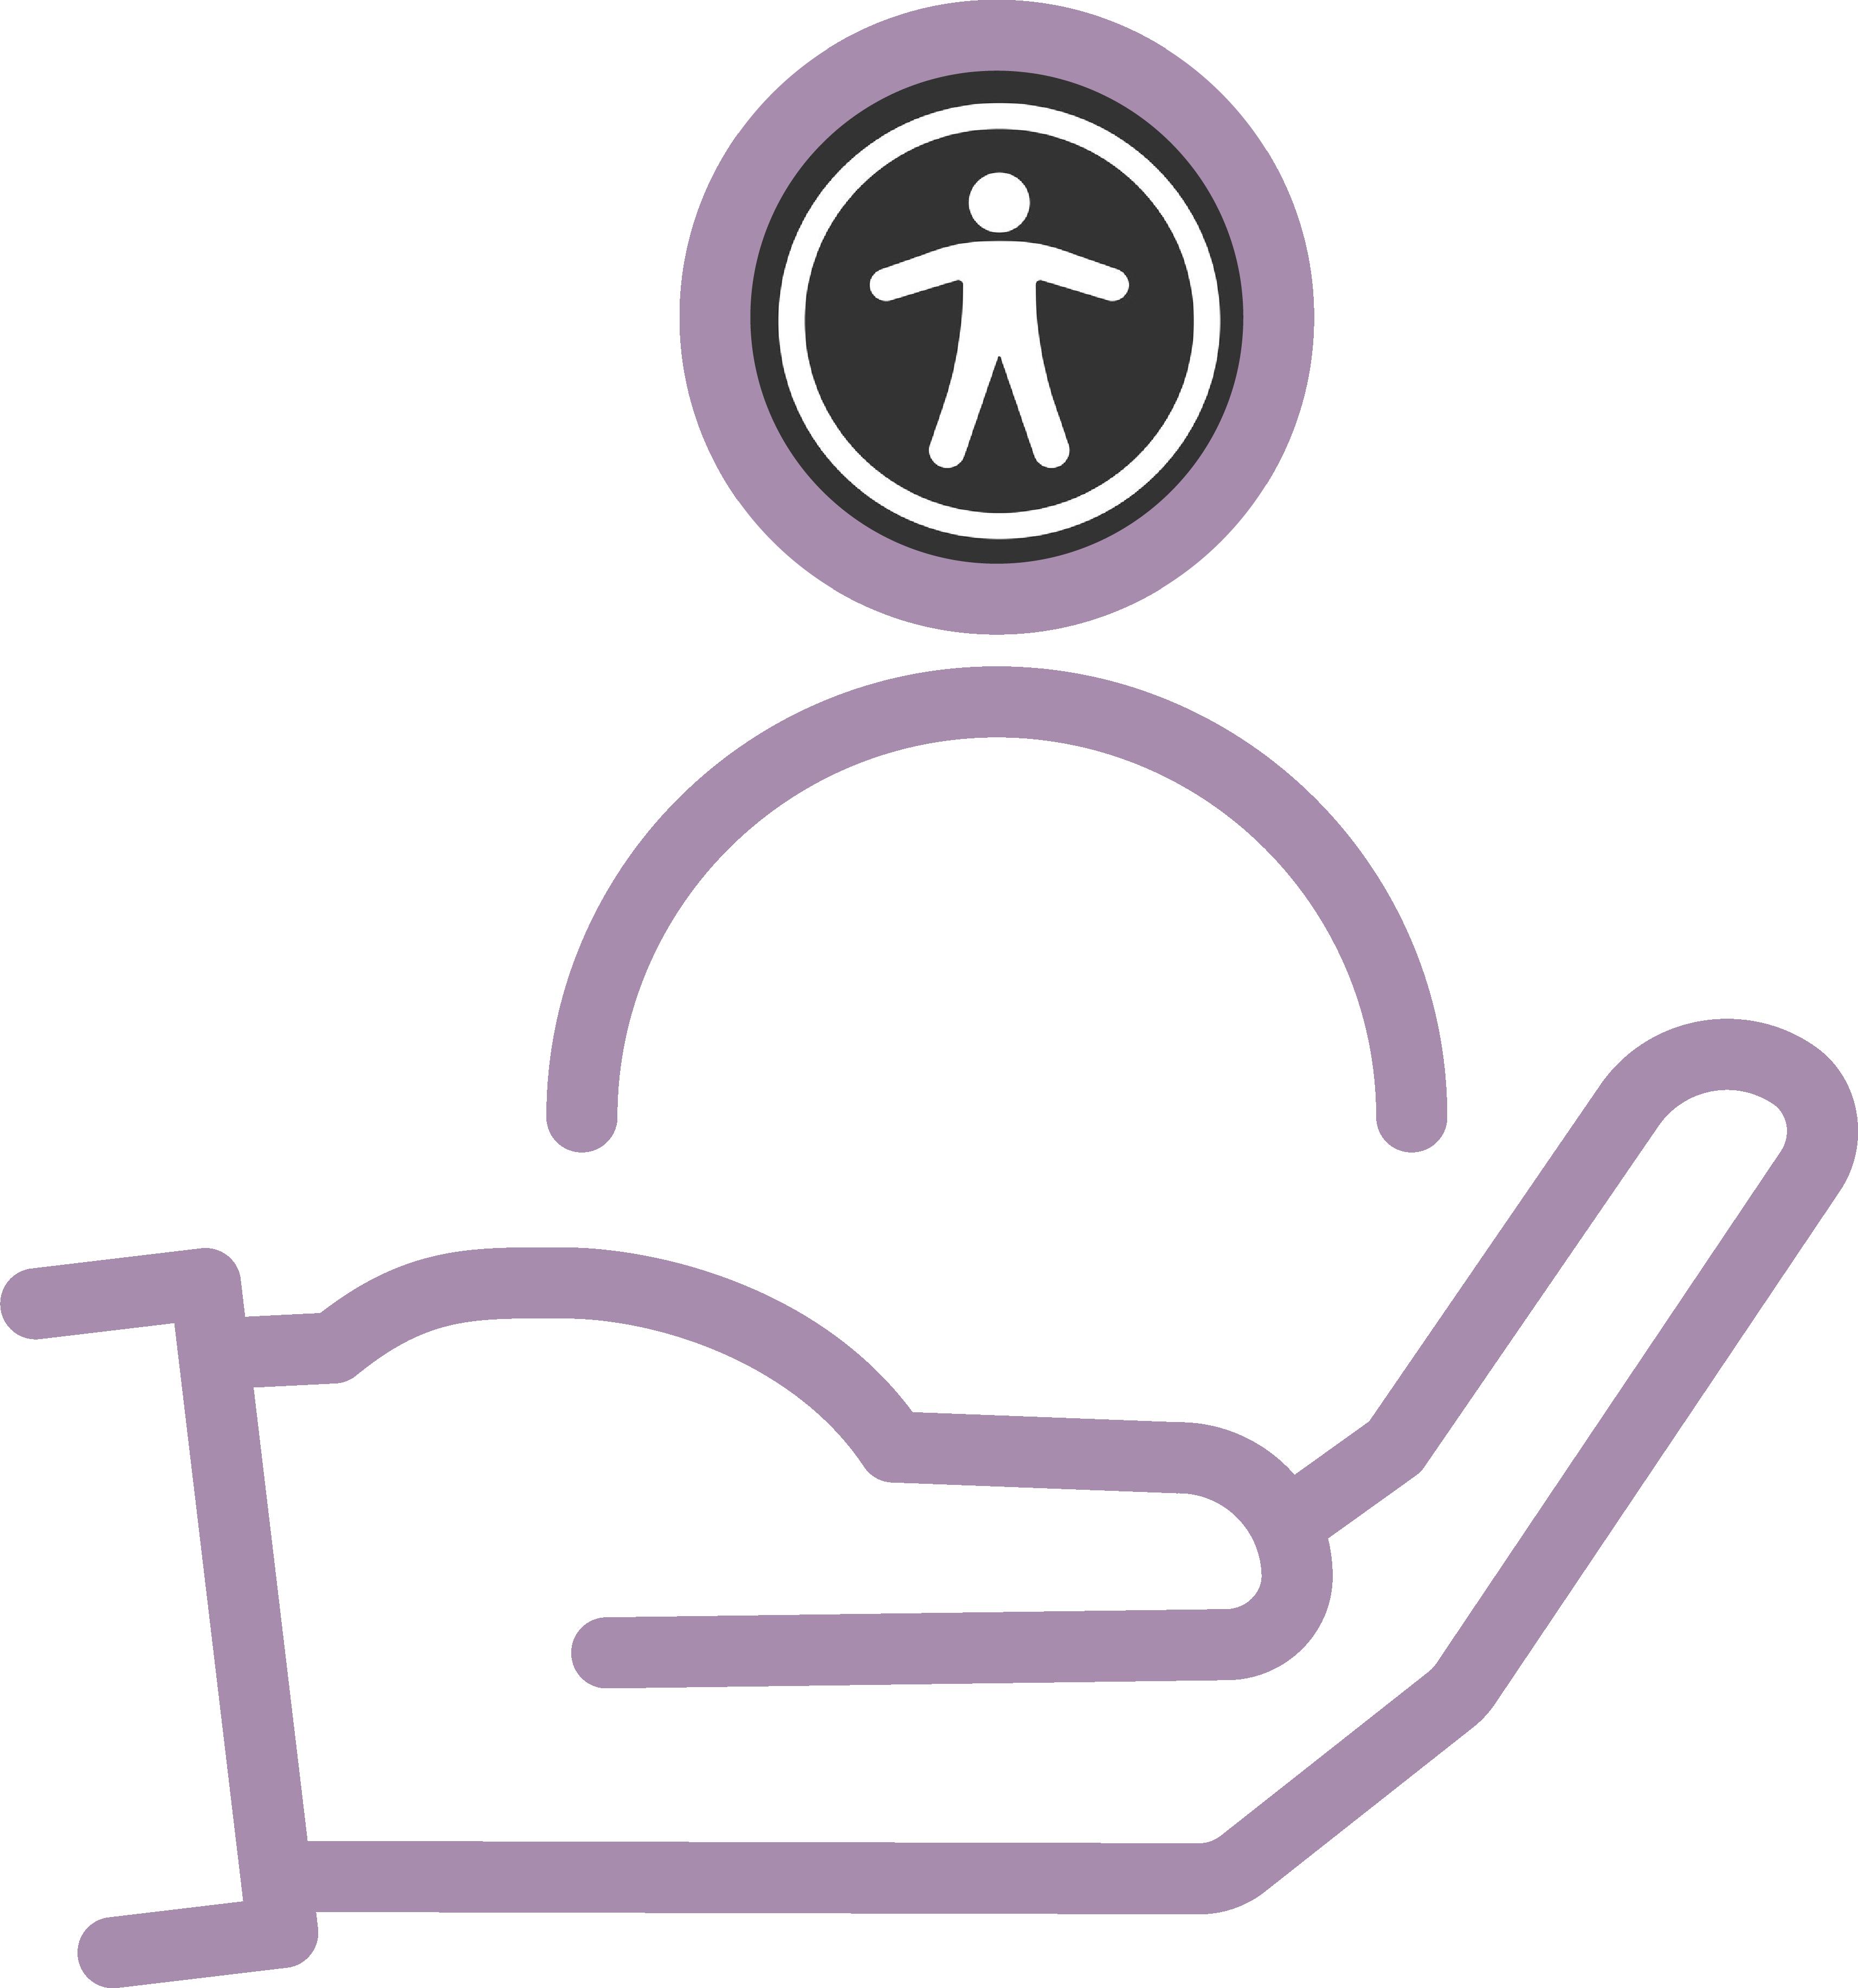 Hulp aan mensen met een visuele-, auditieve of motorische beperking